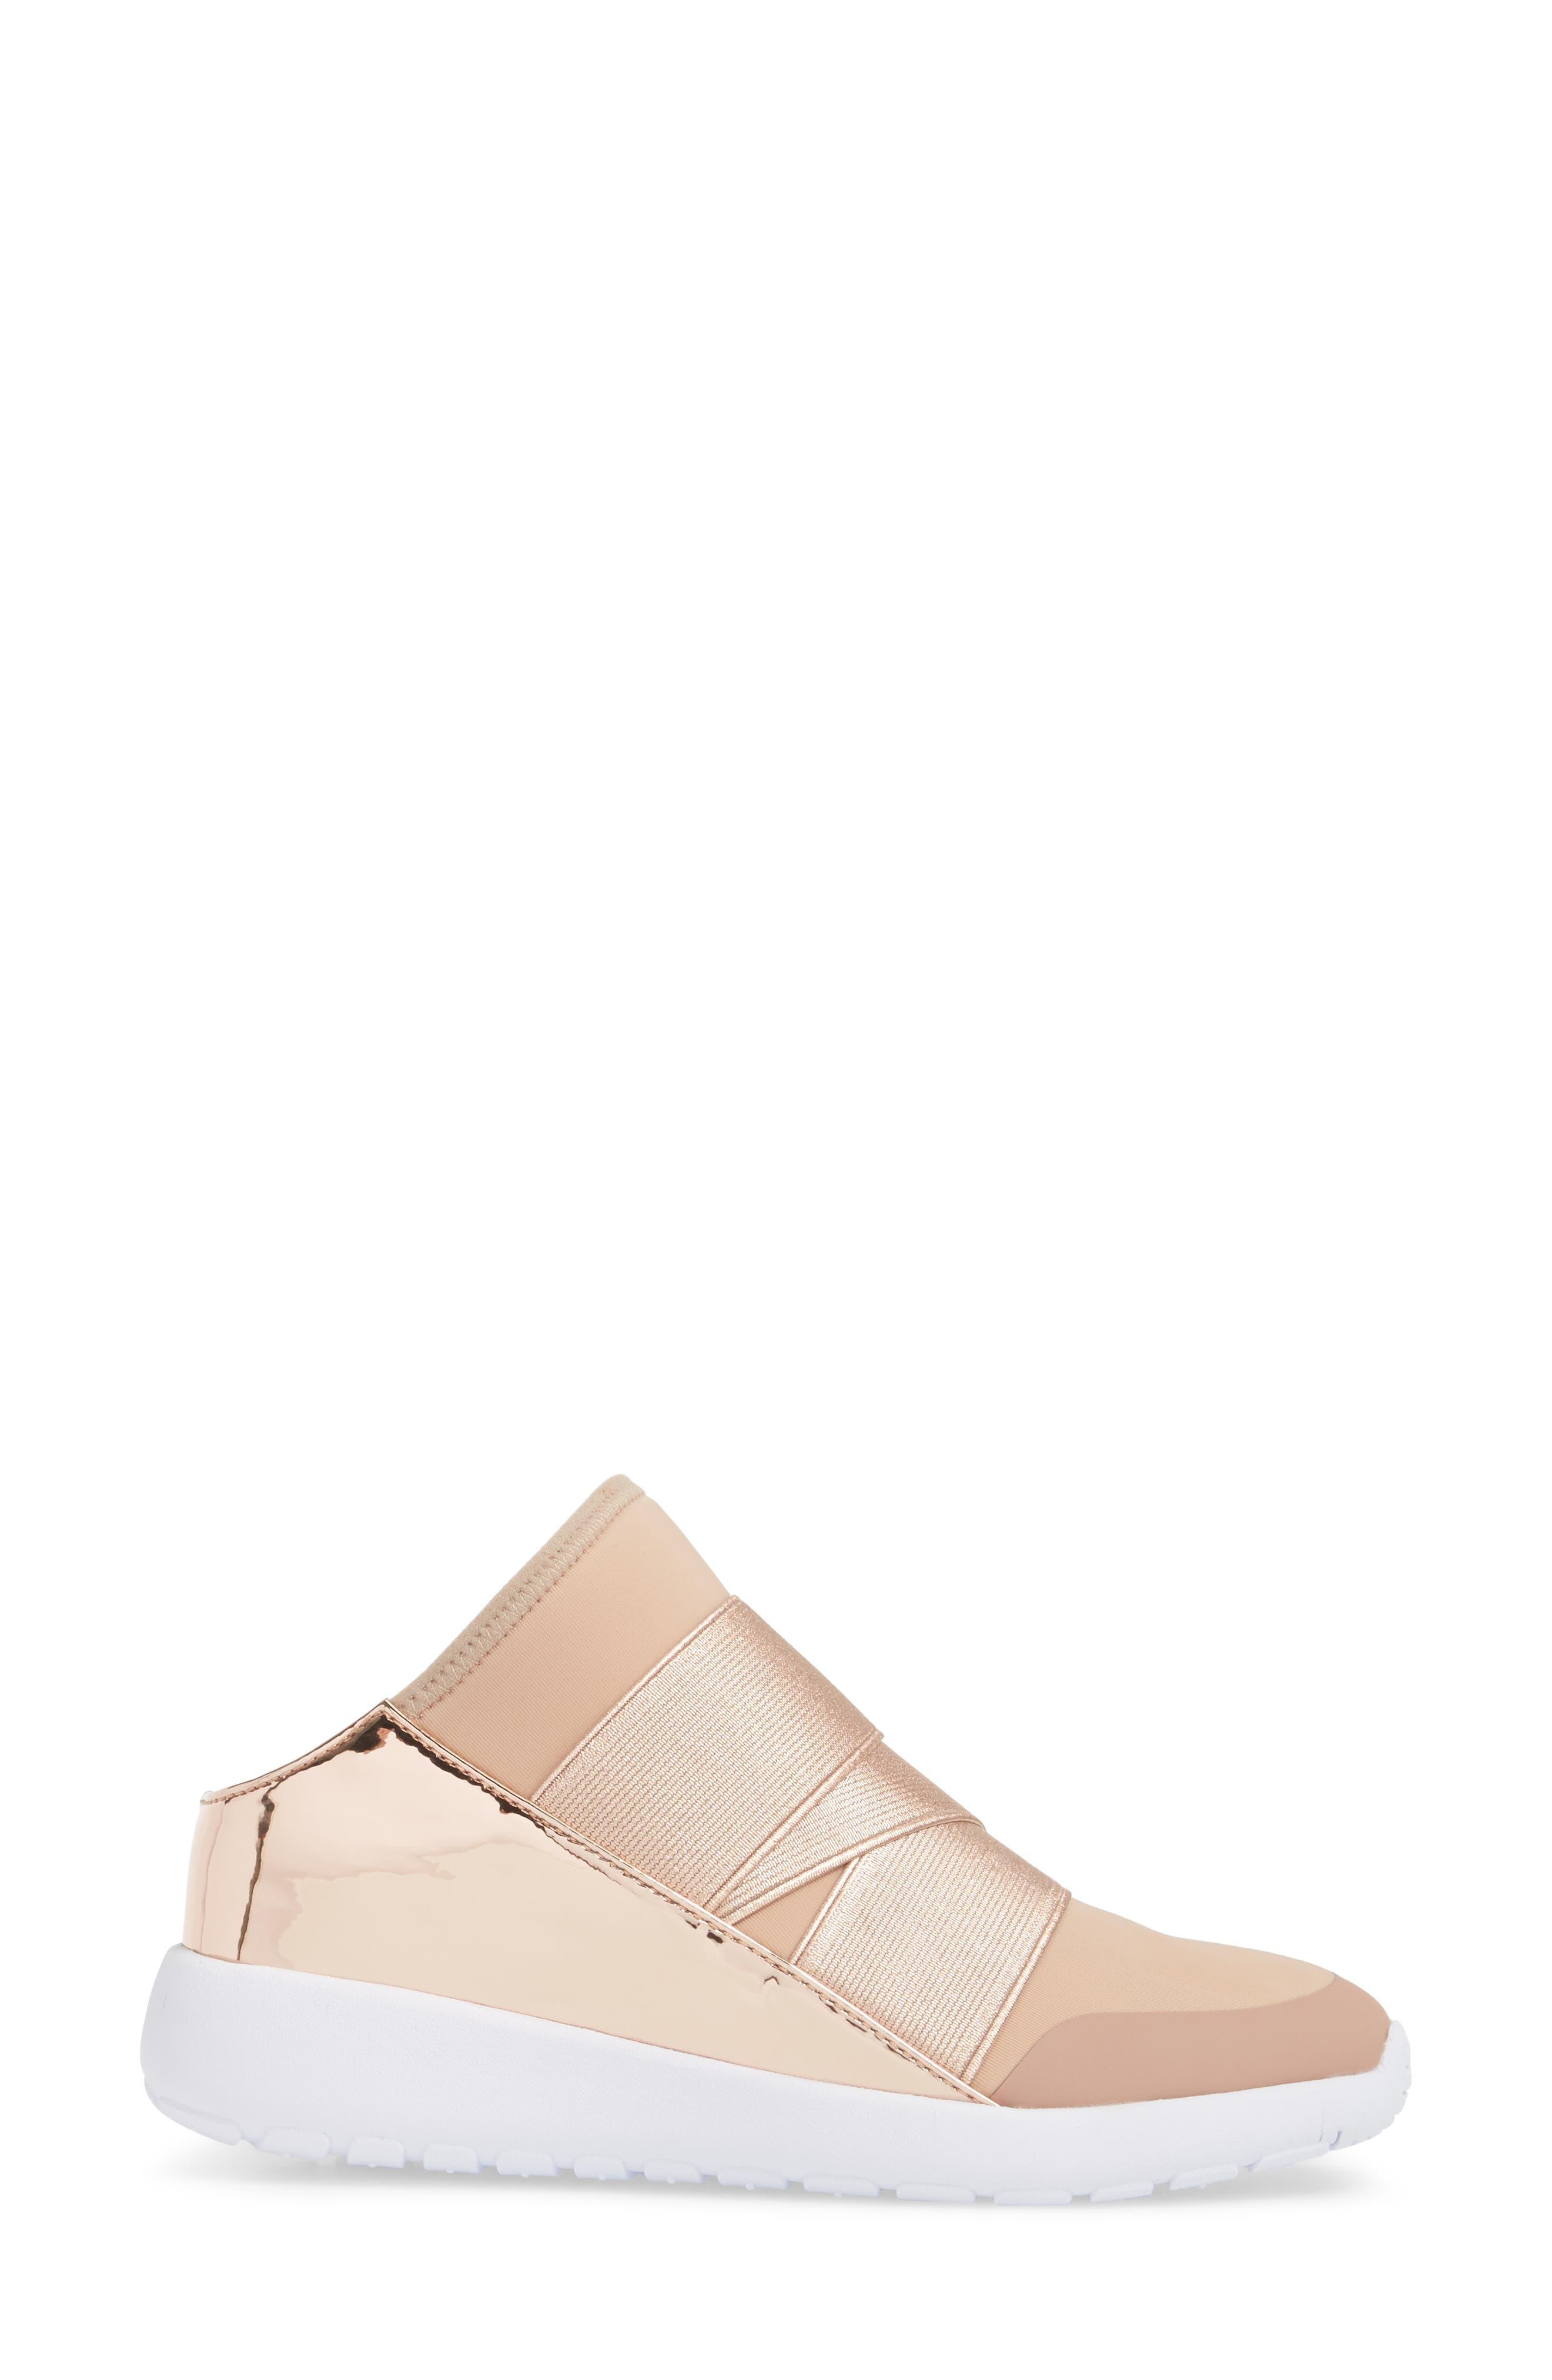 Vine Slip-On Sneaker,                             Alternate thumbnail 3, color,                             Blush